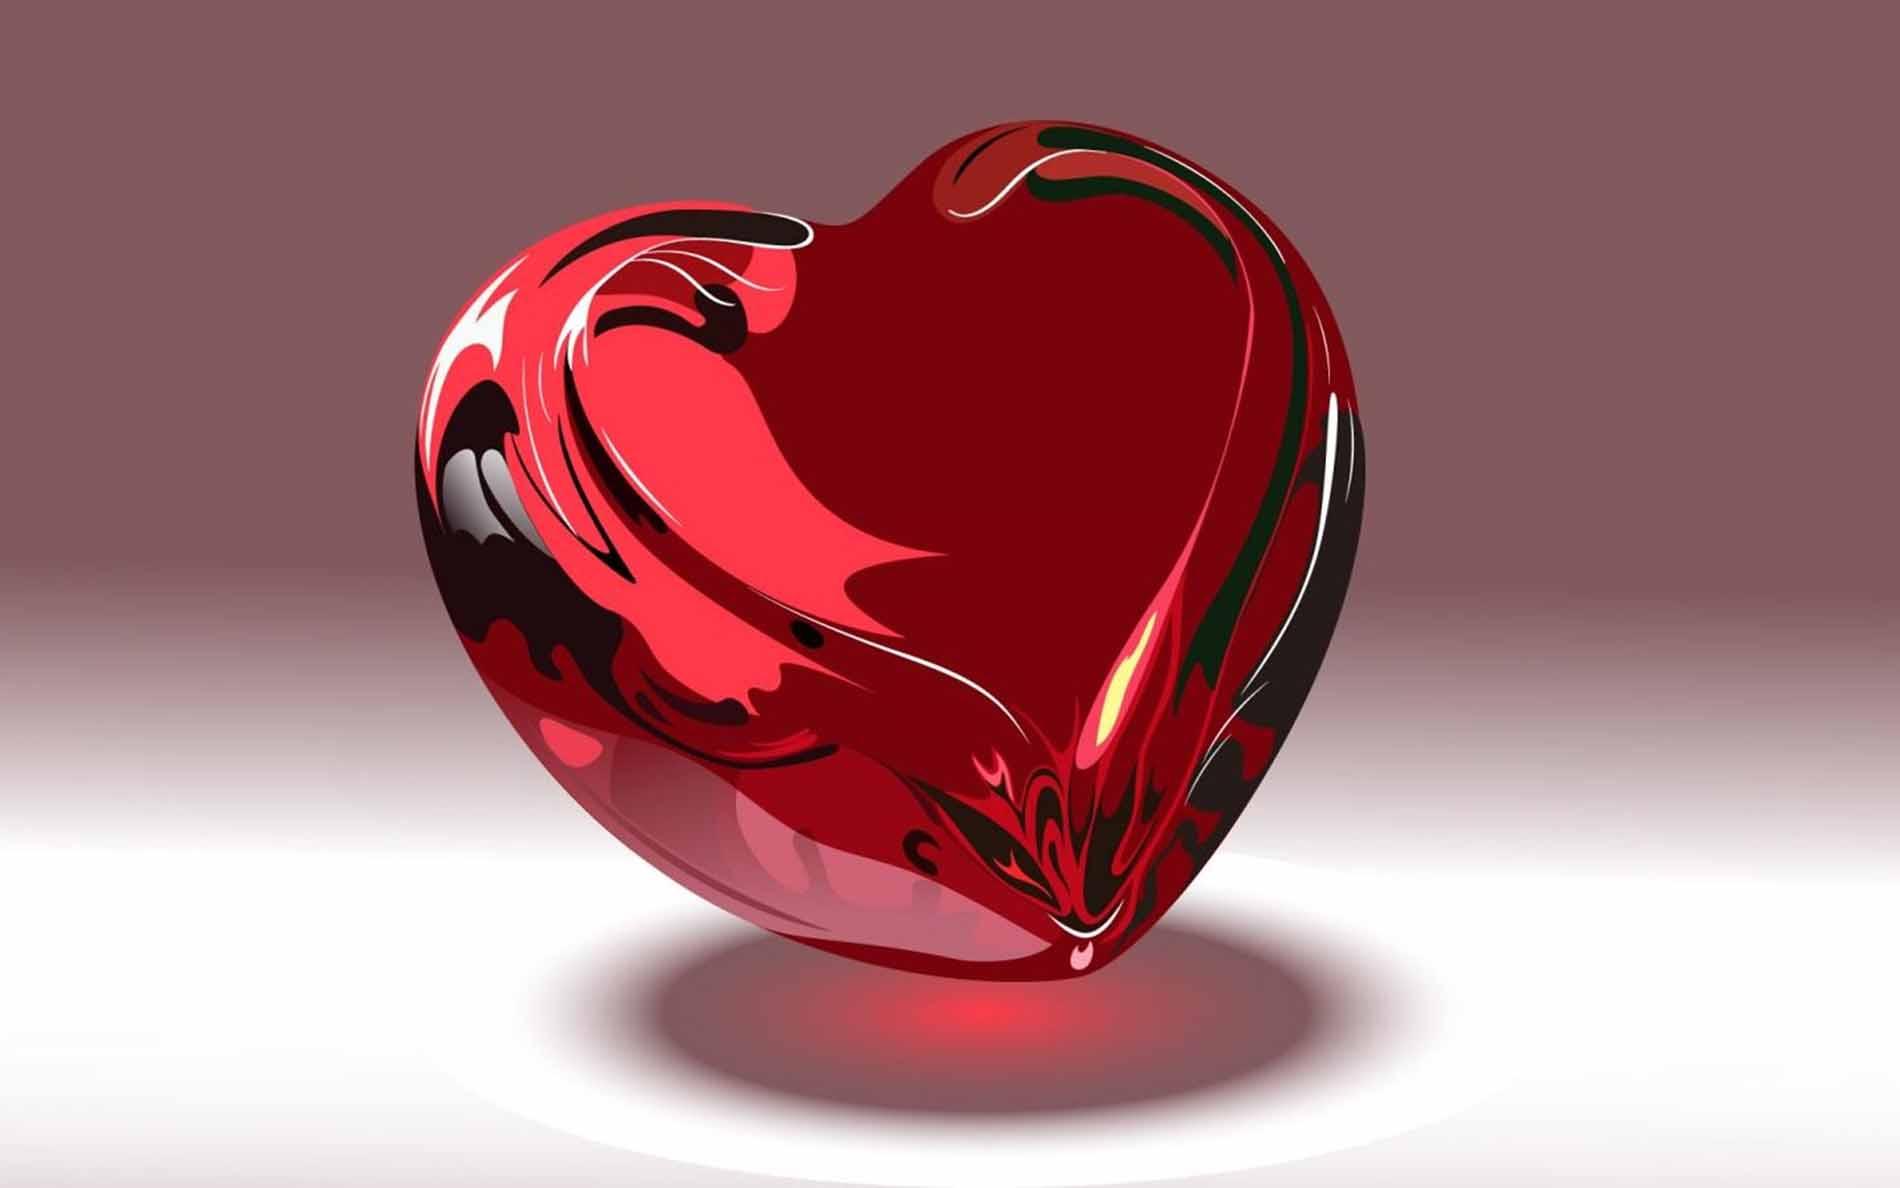 الحب في الله.. أرقى المشاعر وأنقى العلاقات بين البشر